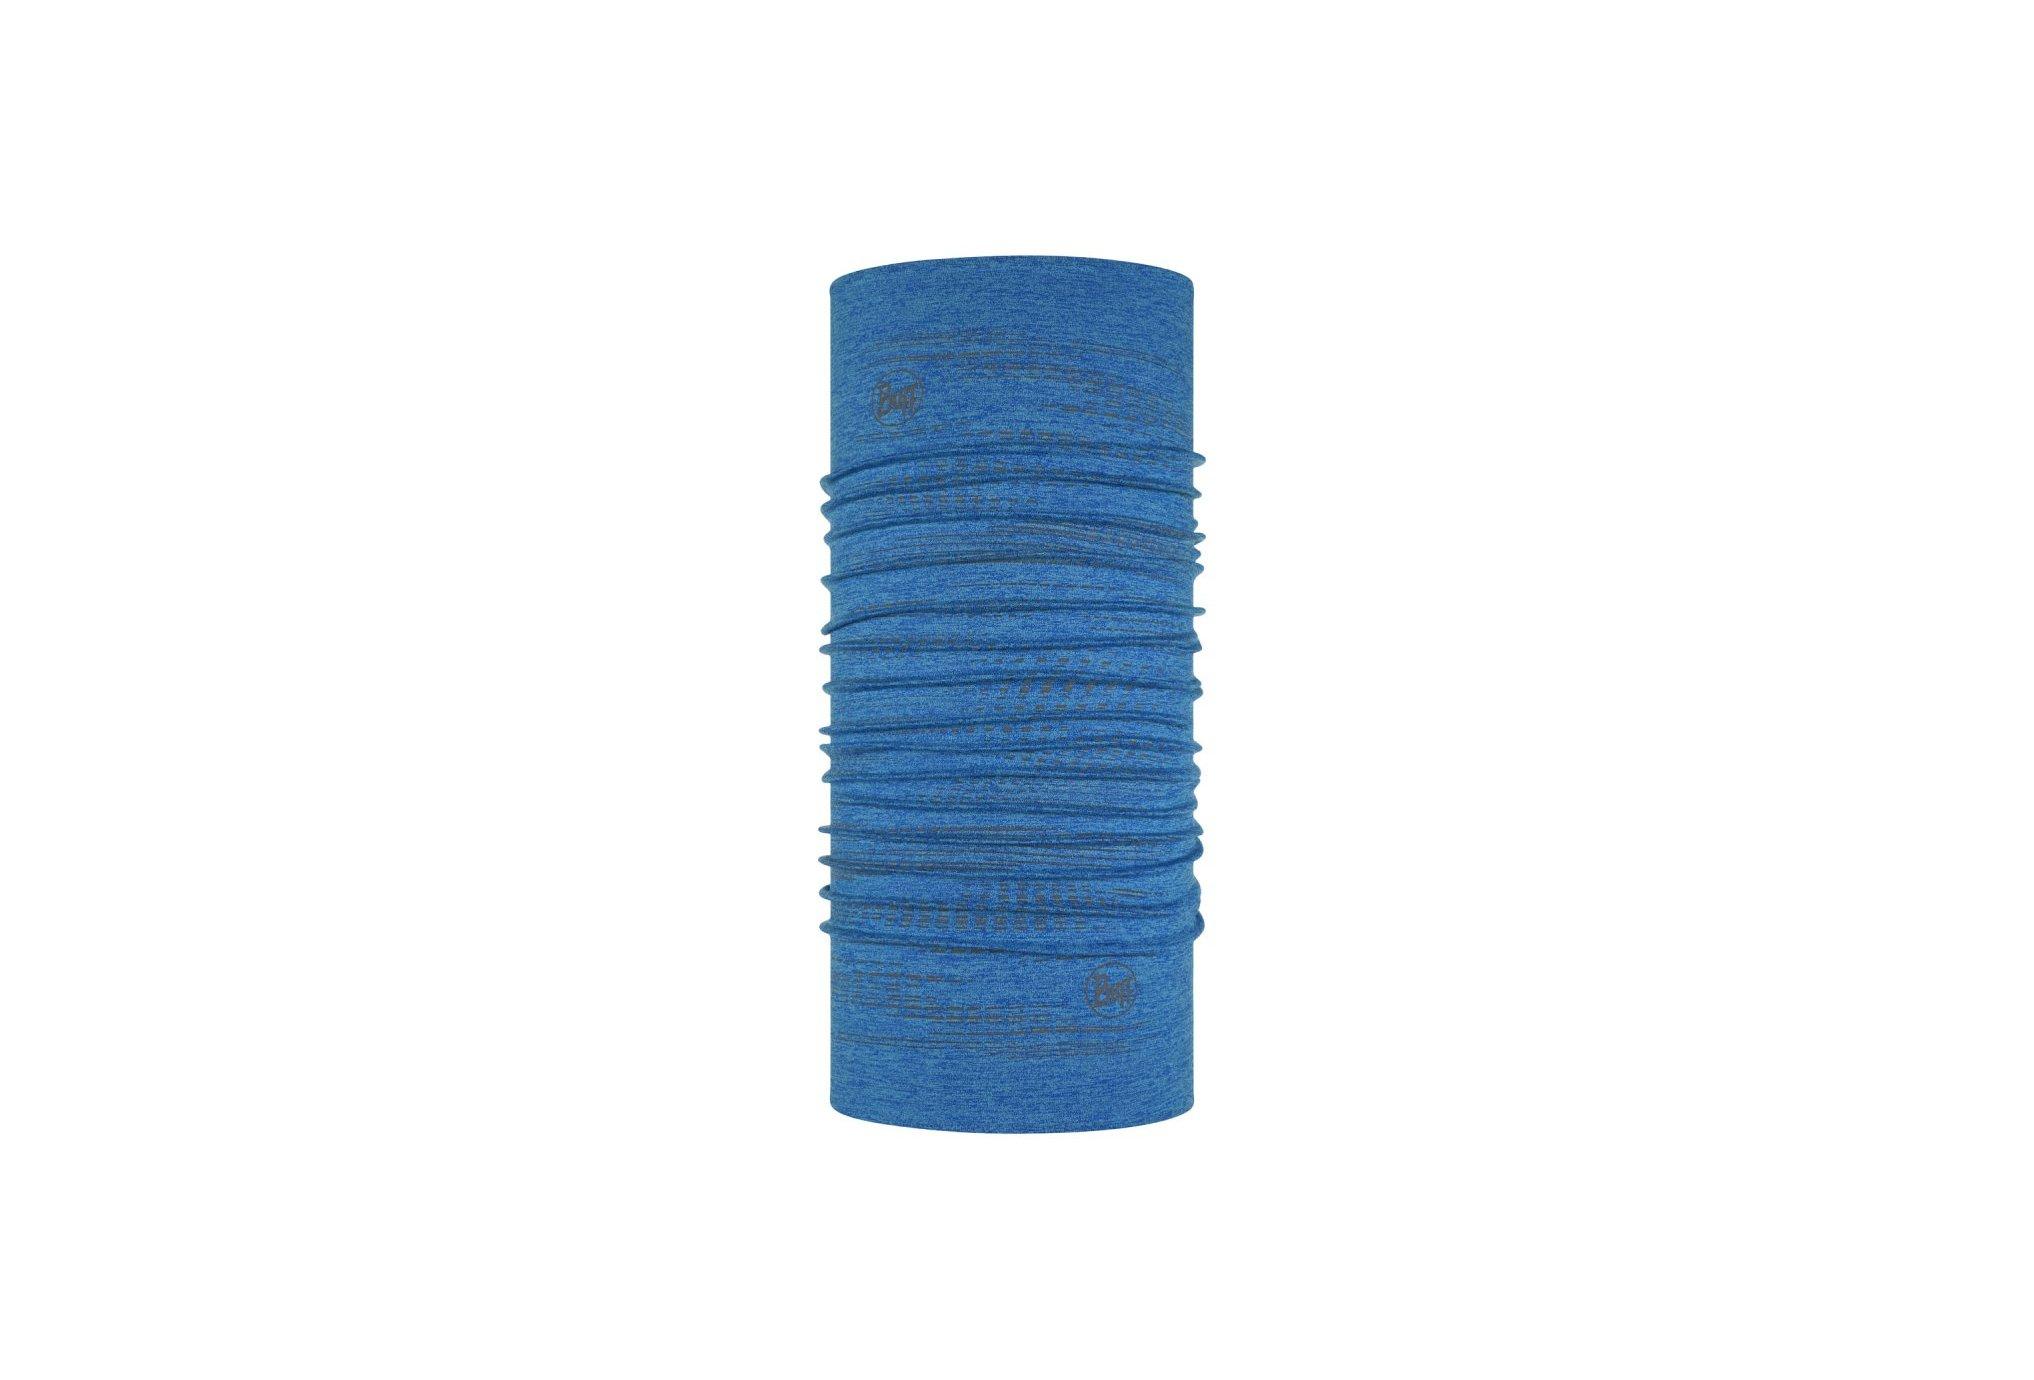 Buff DryFlx Olympian Blue Tours de cou